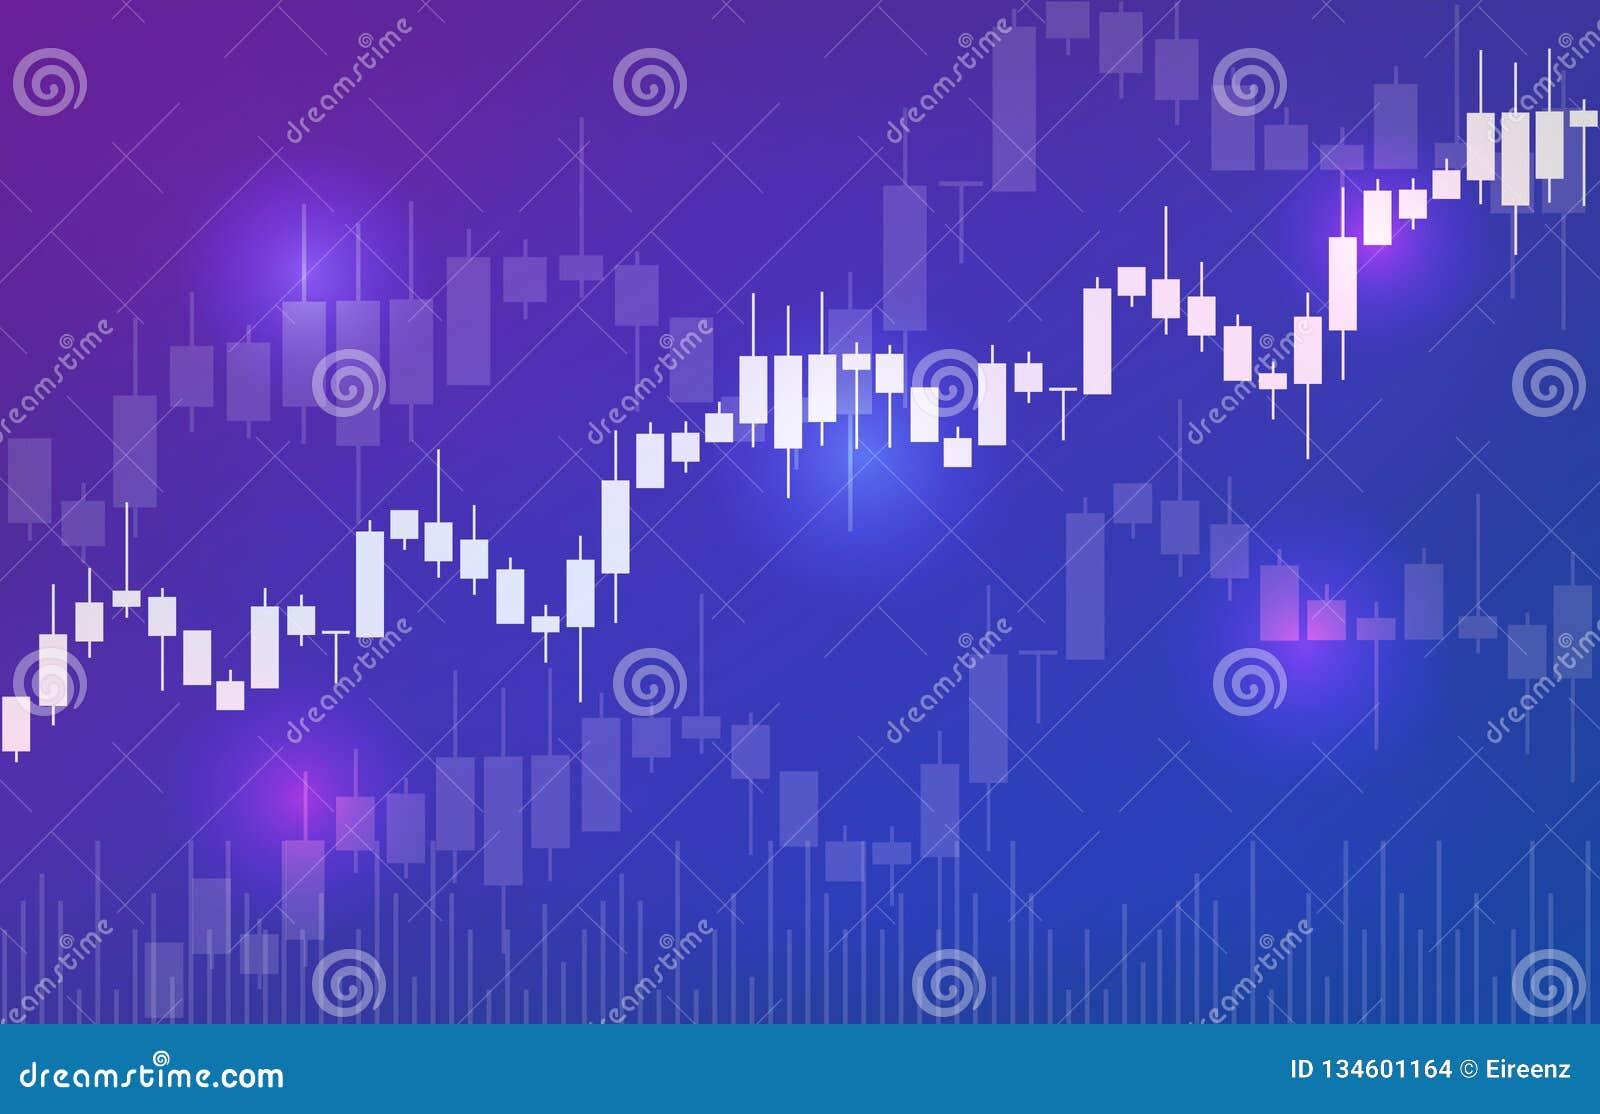 Fundo do vetor com carta dos castiçal do mercado de valores de ação Estrangeiros que trocam o projeto criativo